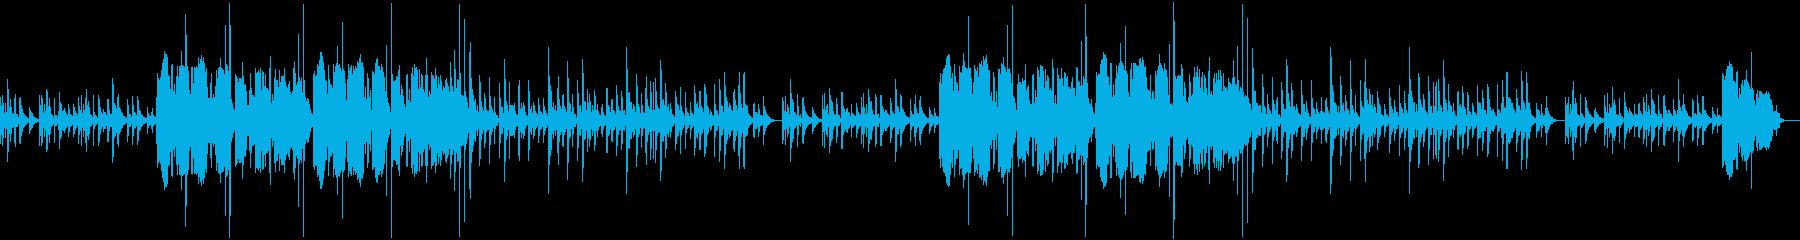 琴の音色が印象深い美しい和風BGMの再生済みの波形